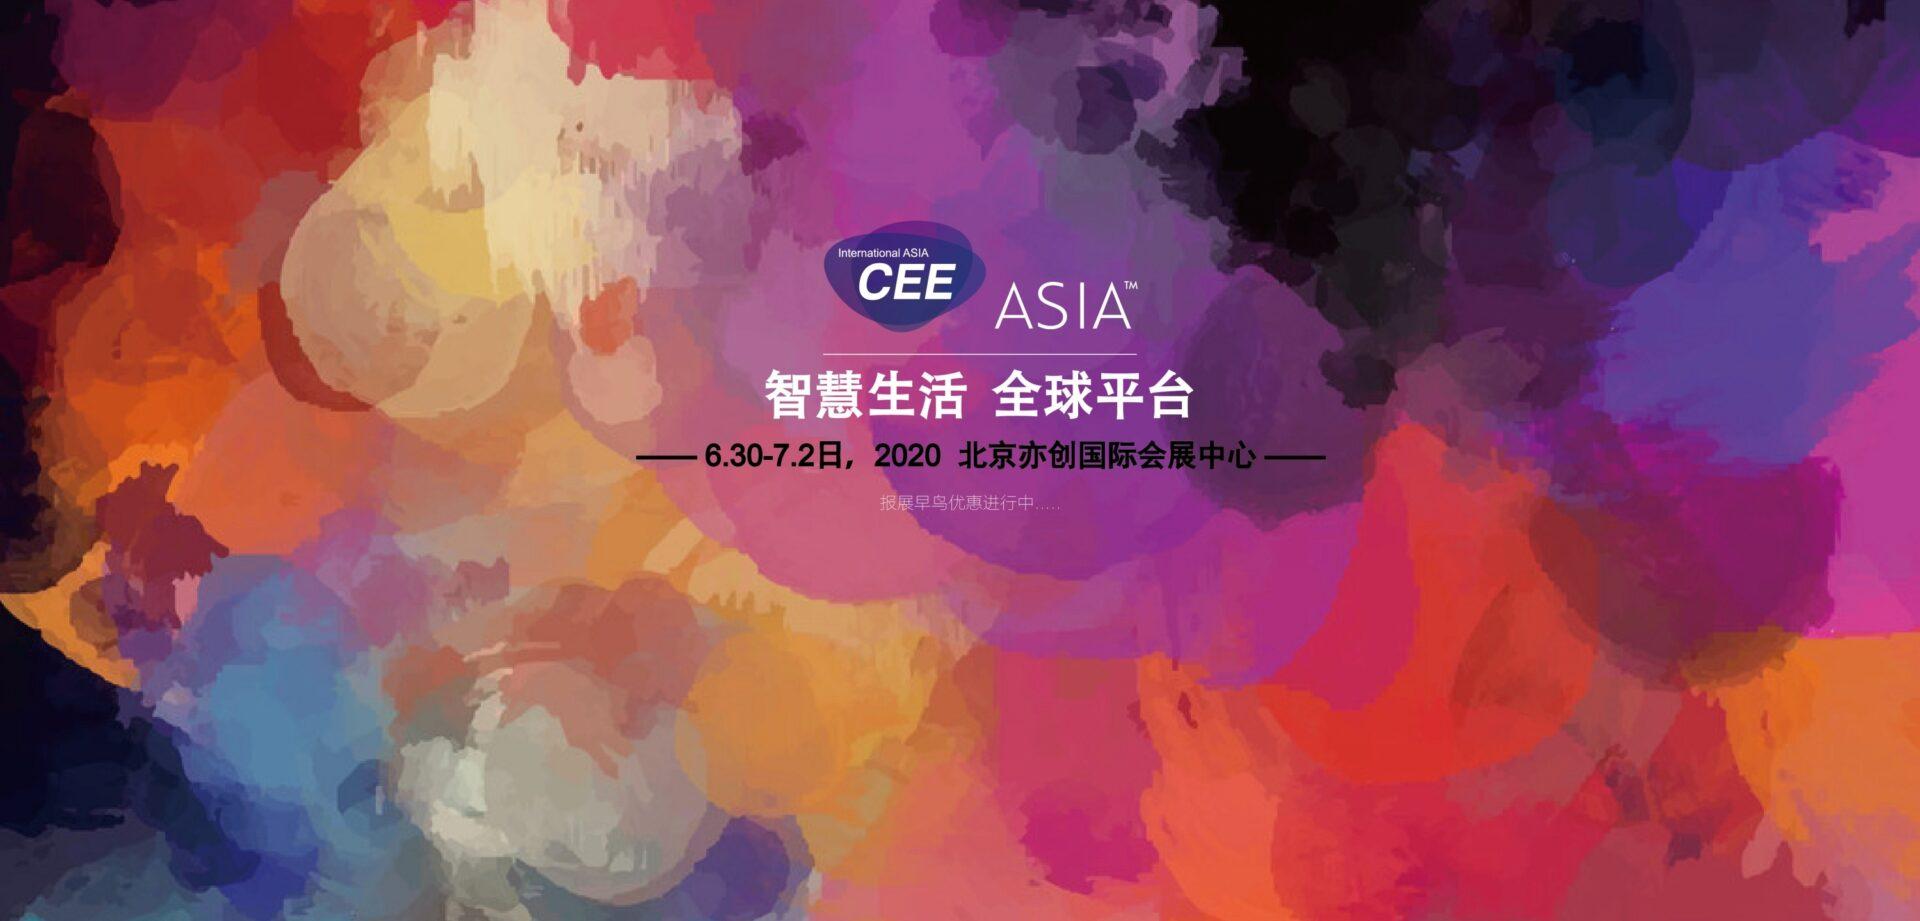 CEE2020 Beijing